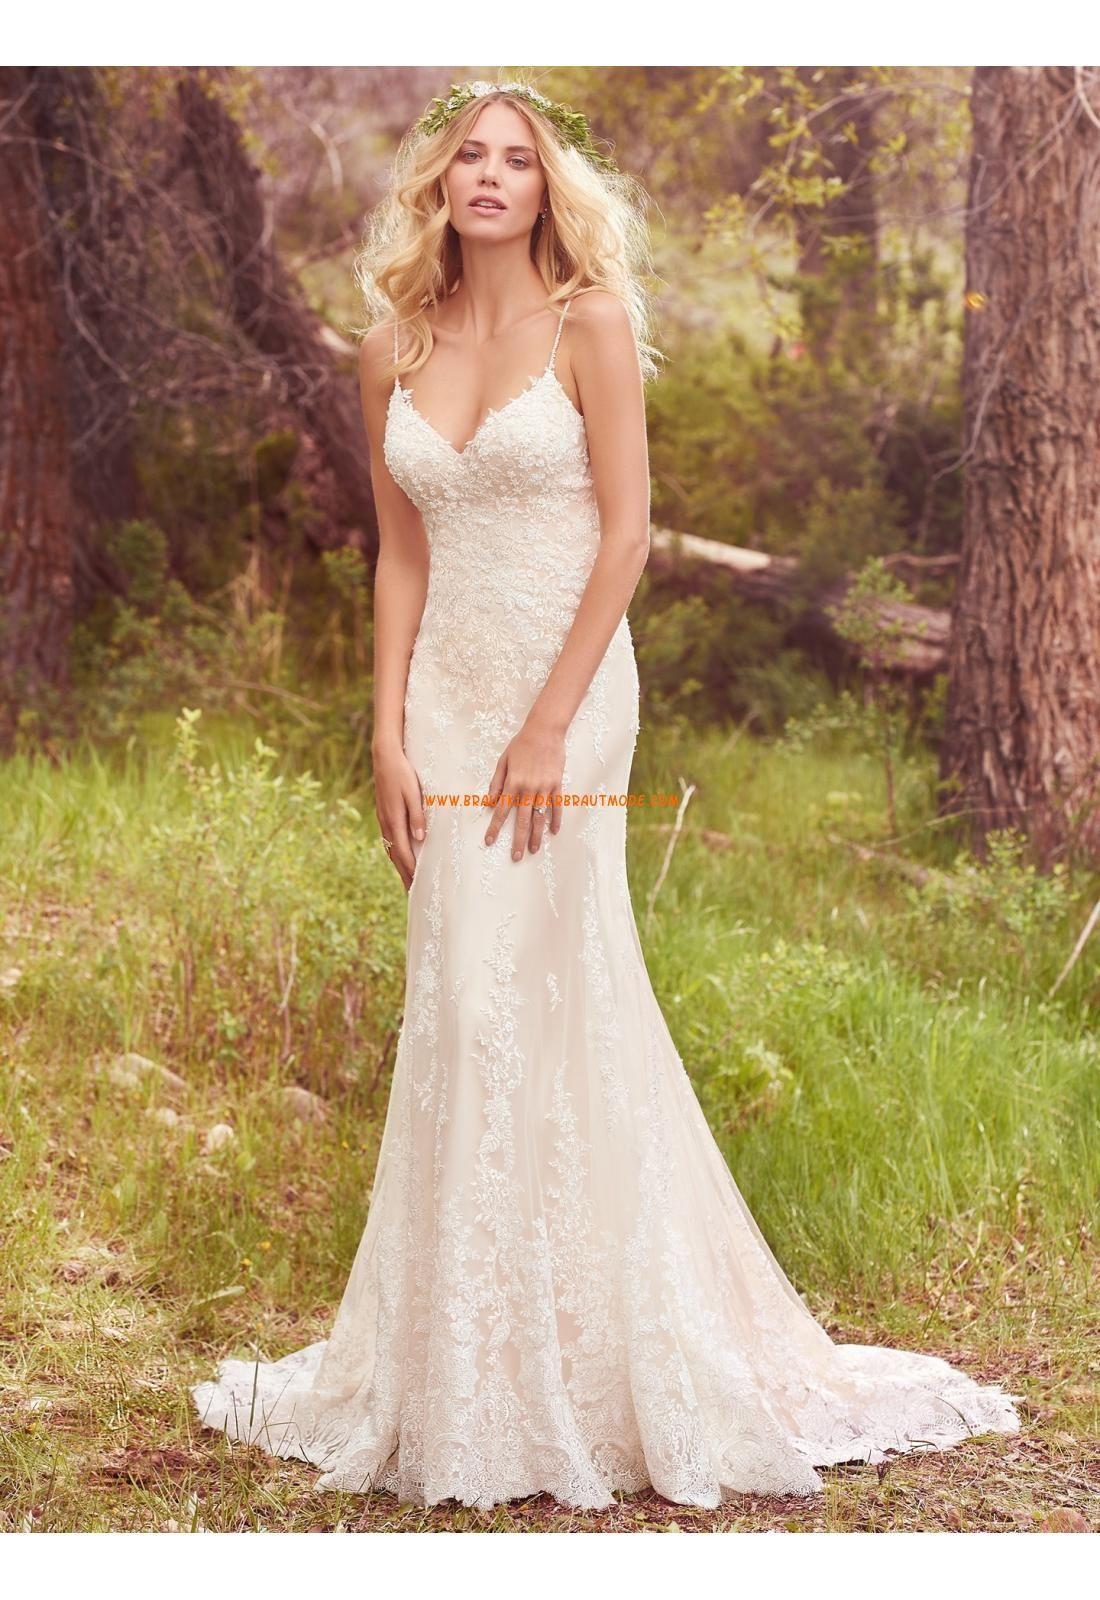 Meerjungfrau Luxuriöse Außergewöhnliche Brautkleider aus Tüll mit ...